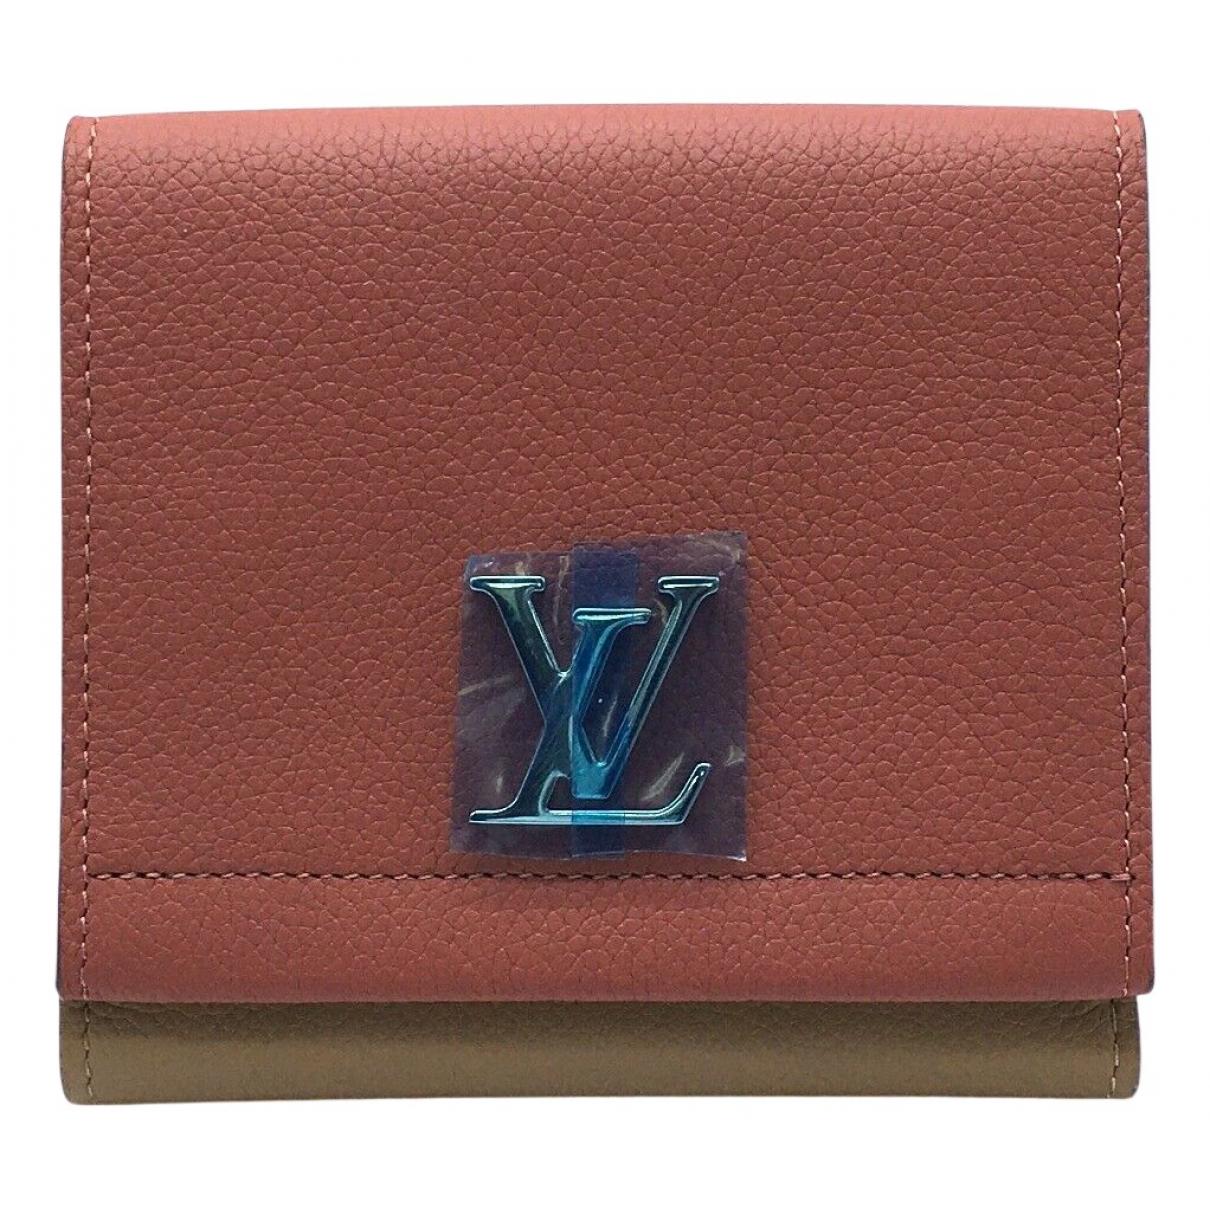 Louis Vuitton - Portefeuille Lockme pour femme en cuir - beige